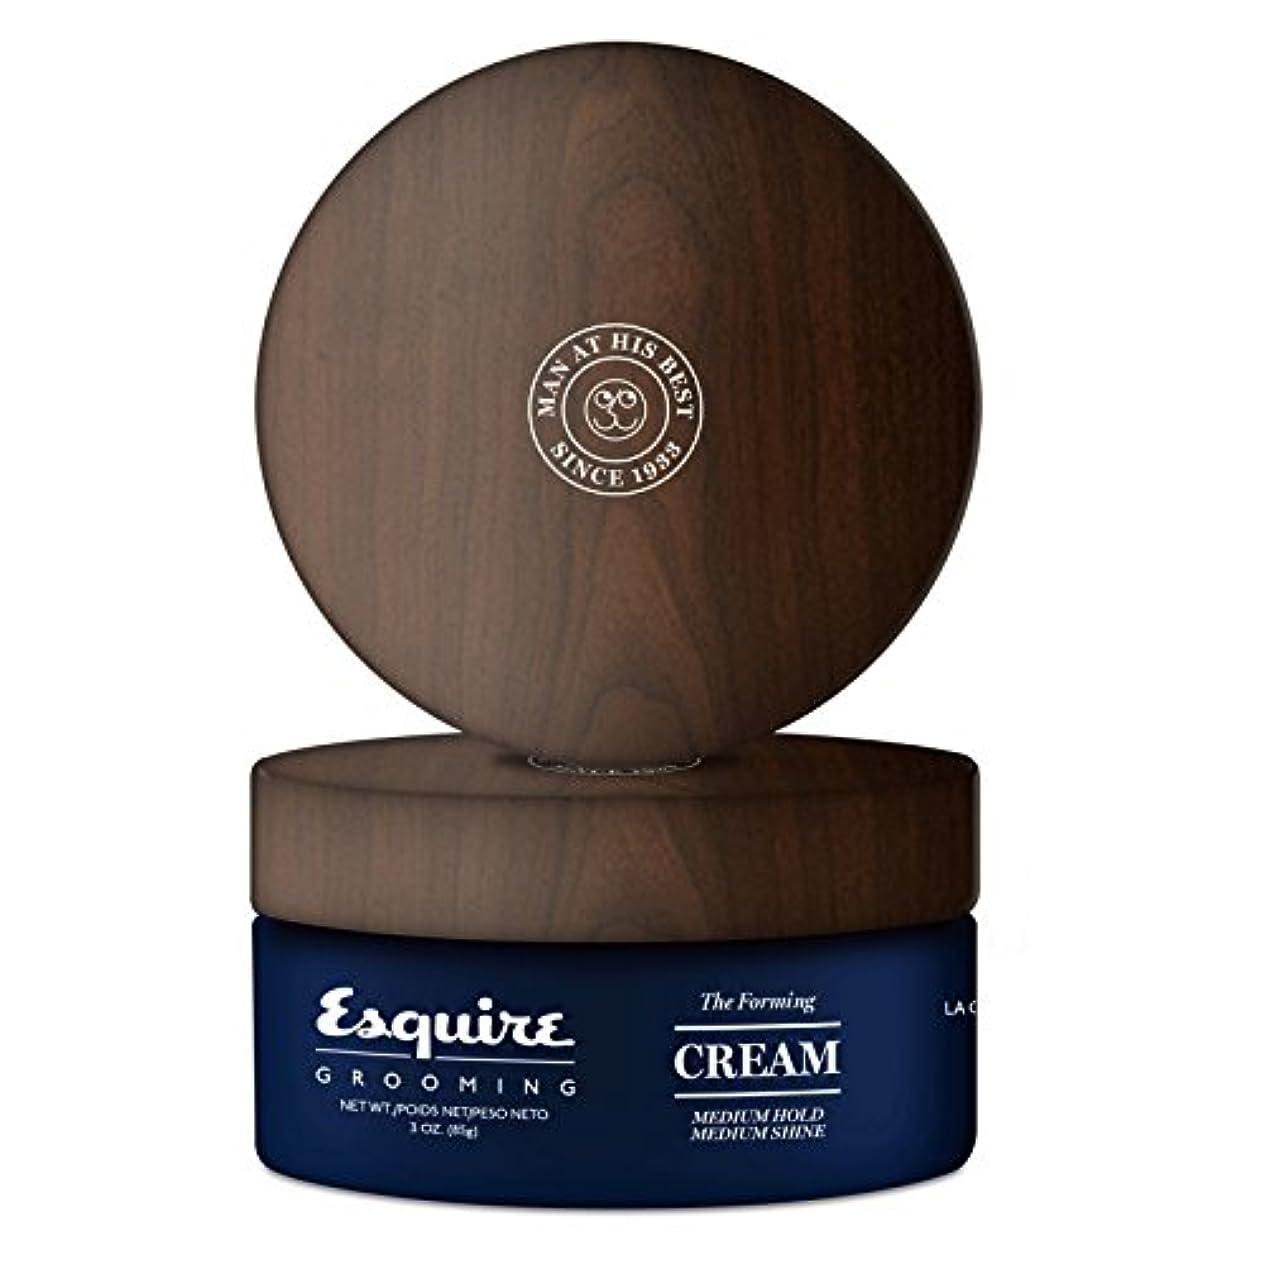 記念品優しいイデオロギーCHI Esquire Grooming The Forming Cream (Medium Hold, Medium Shine) 85g/3oz並行輸入品